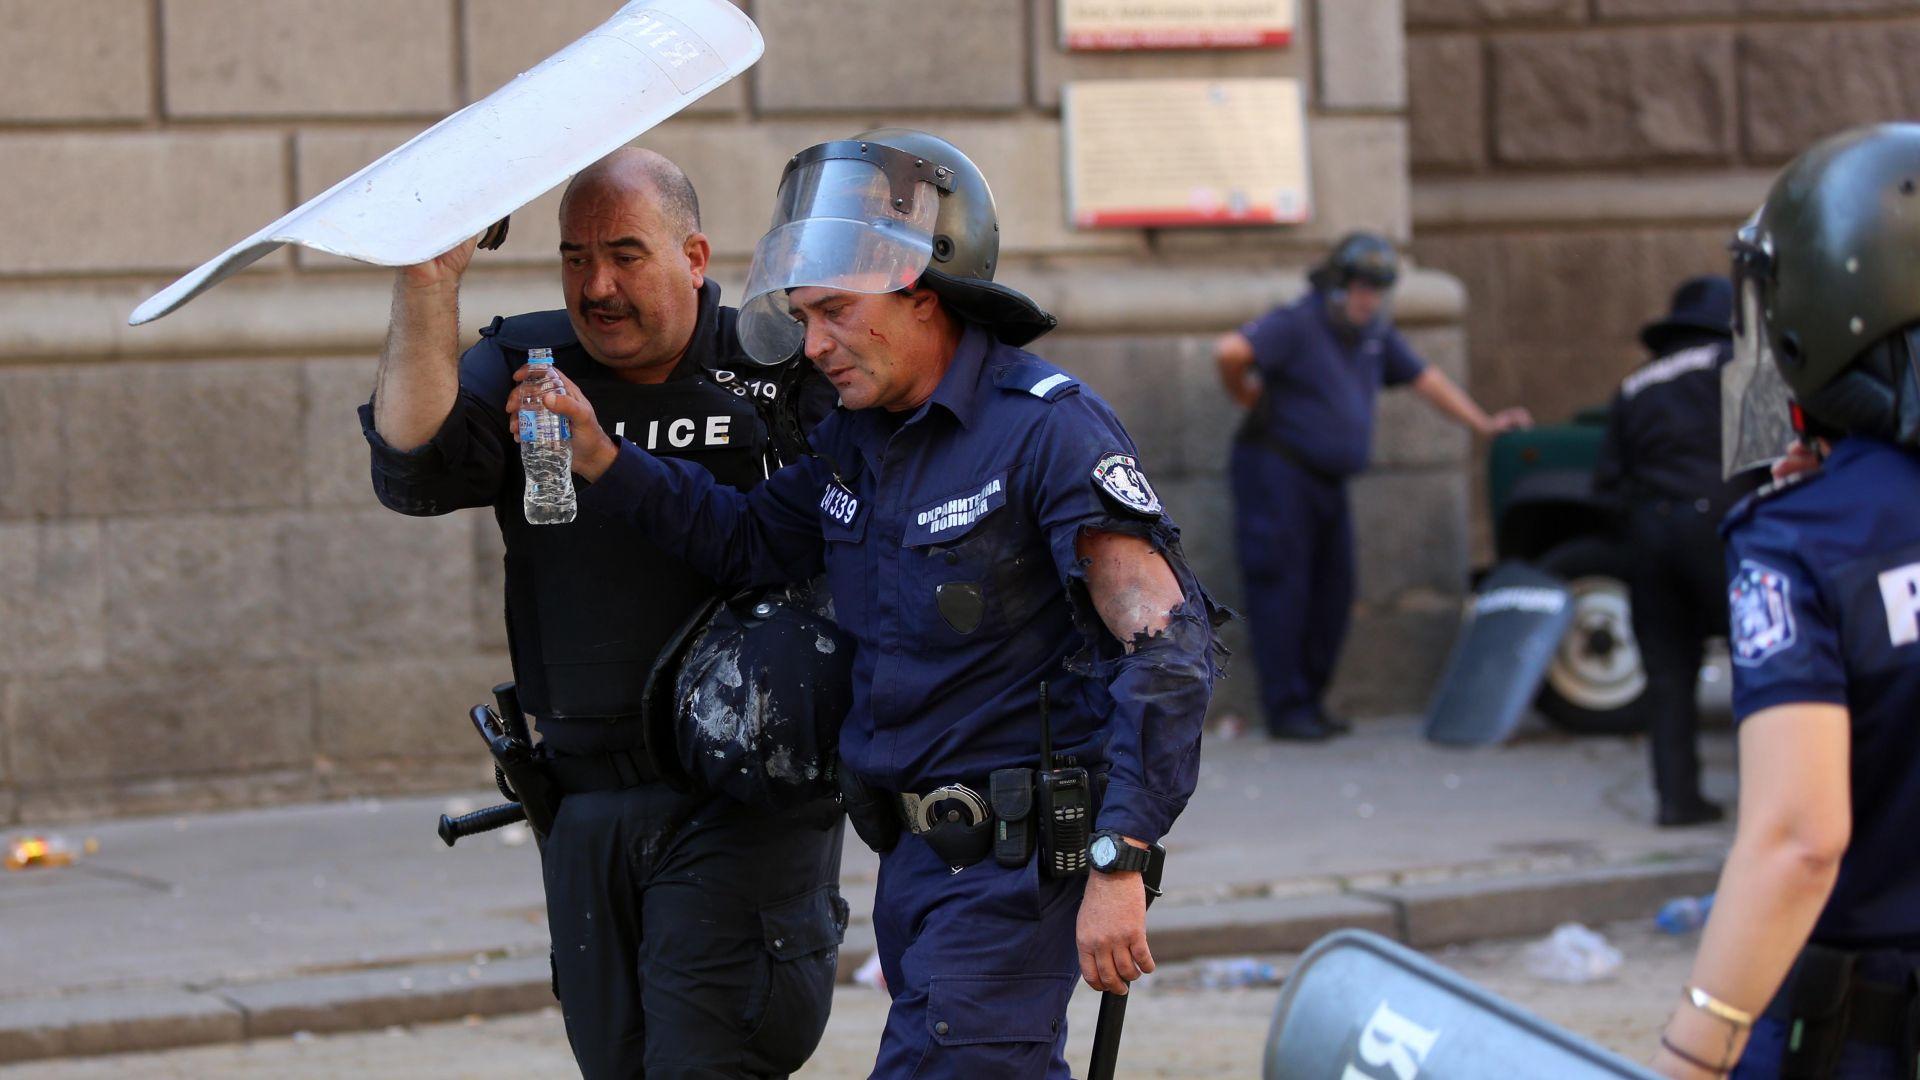 Сблъсъци, сълзотворен газ и задържани пред Народното събрание (снимки и видео)